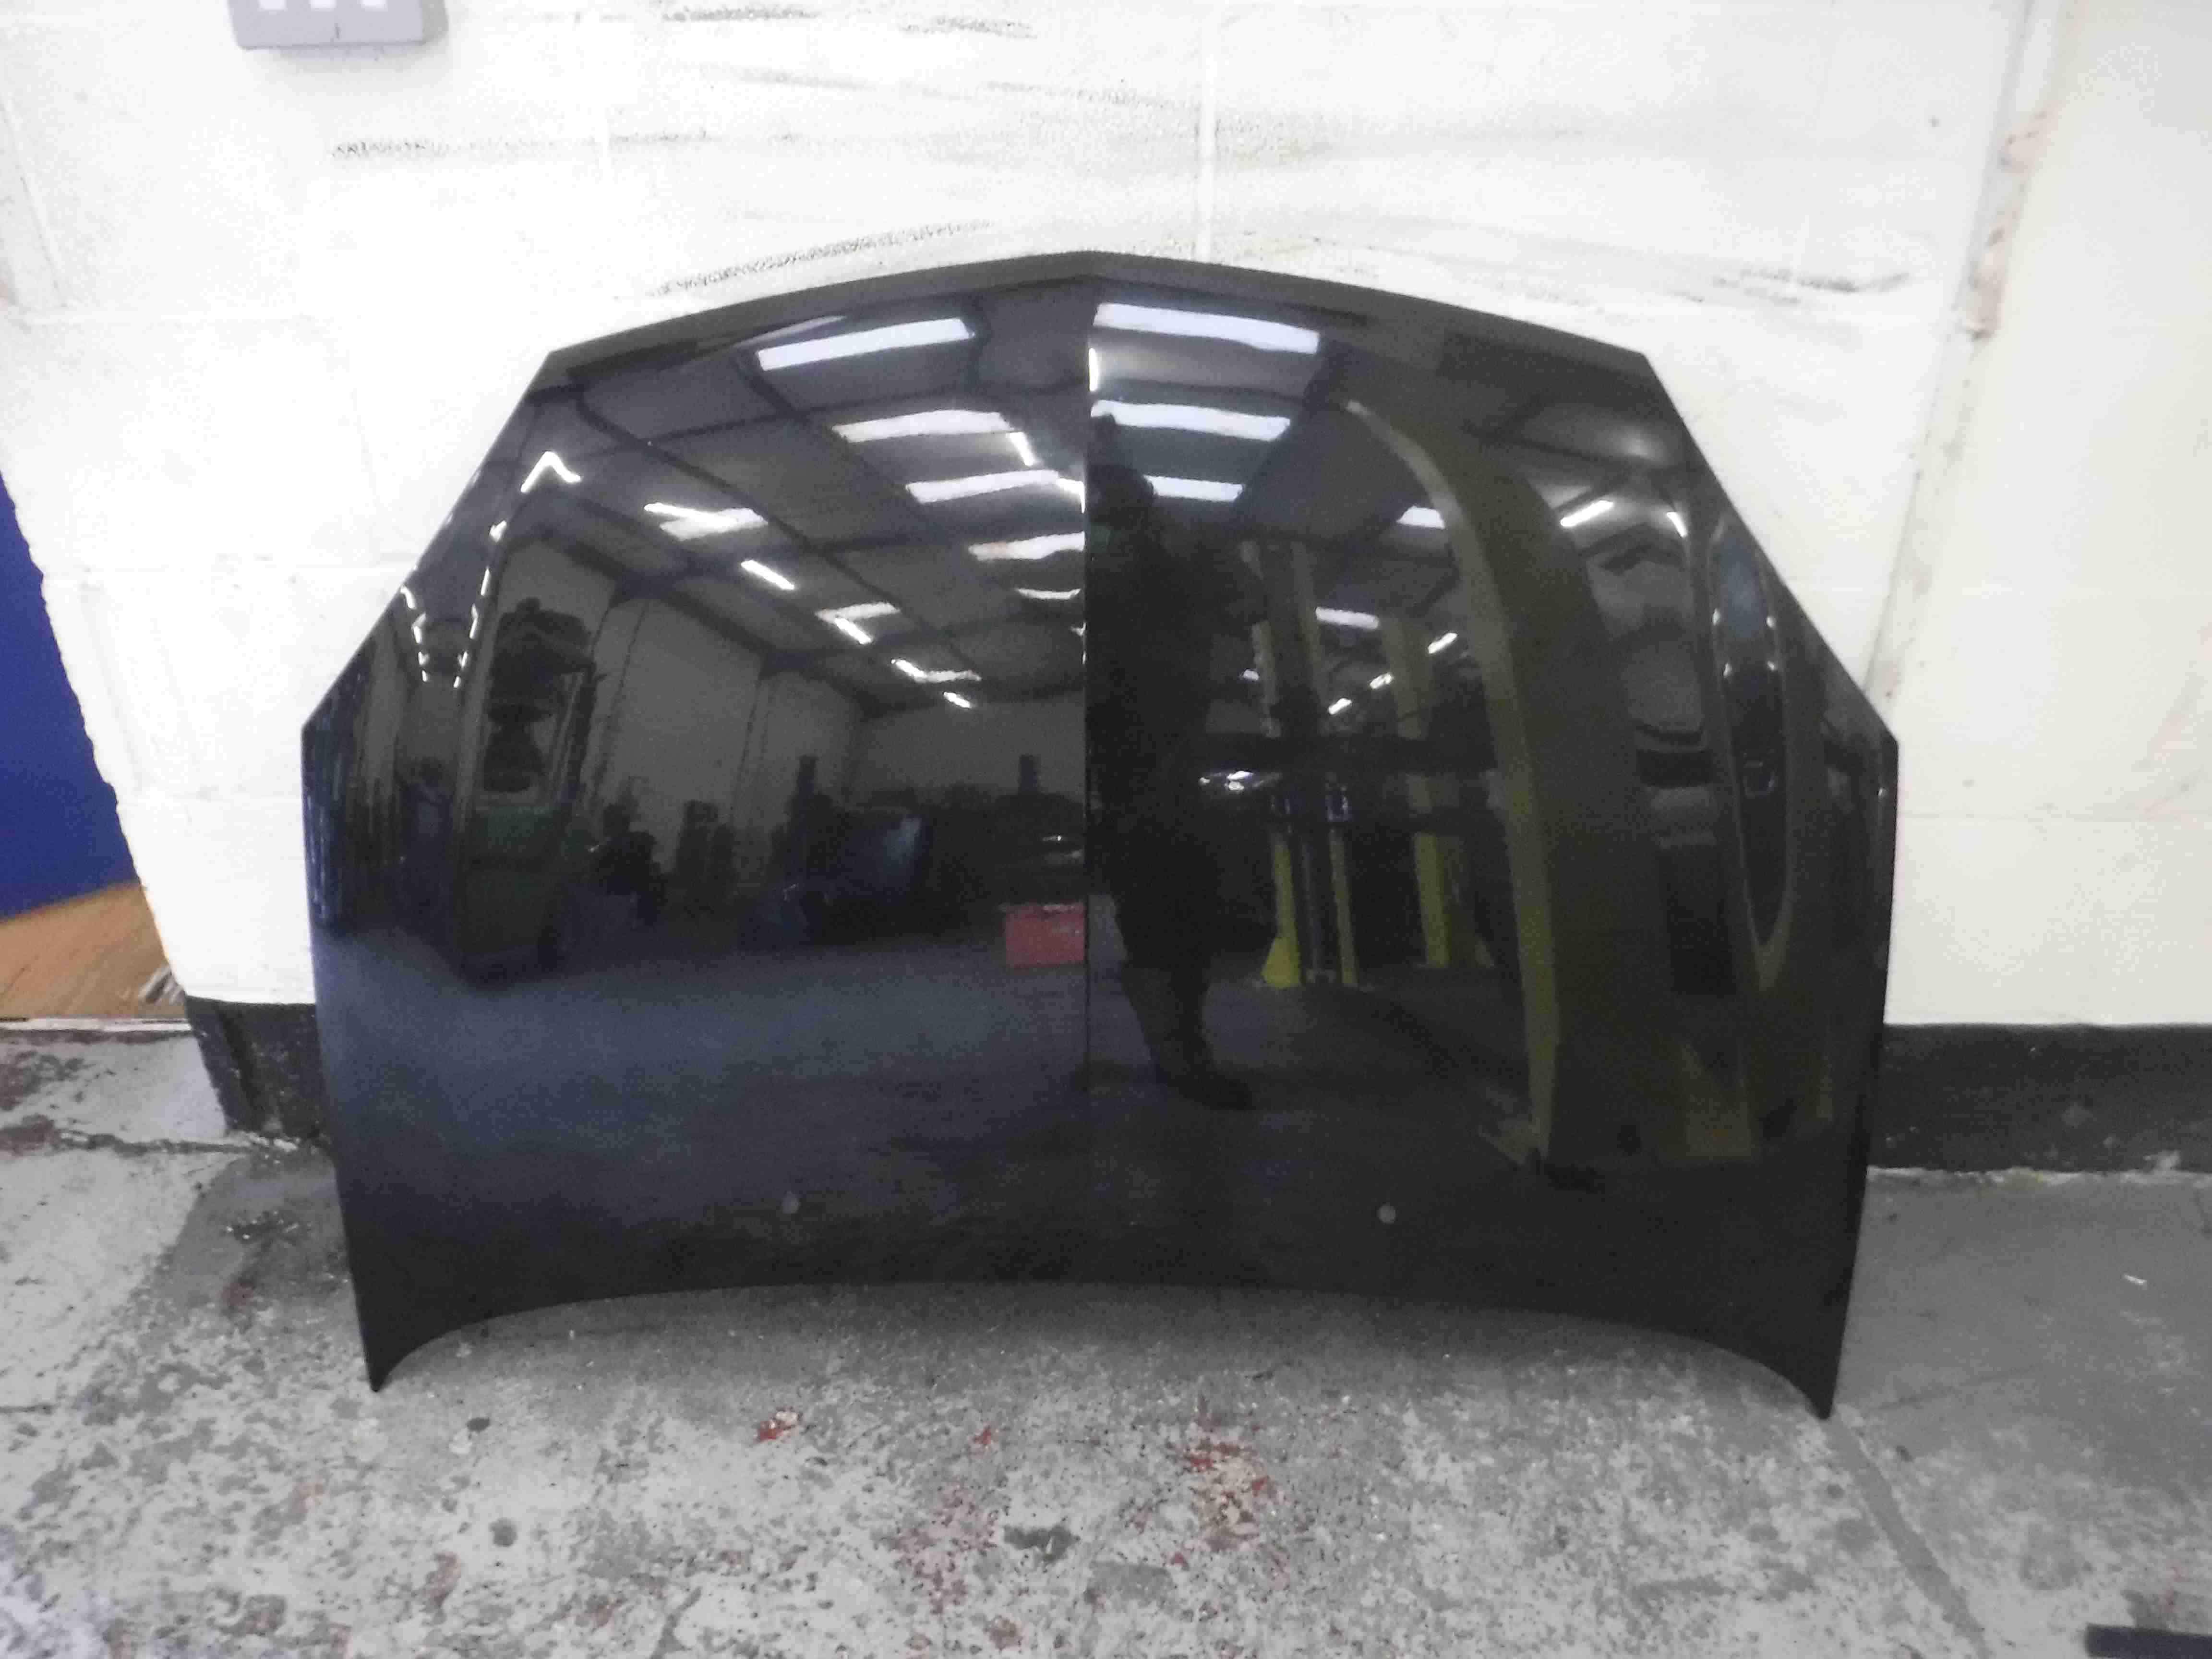 Renault Clio MK2 2001-2006 Front Bonnet Black 676 bonnet676mk2